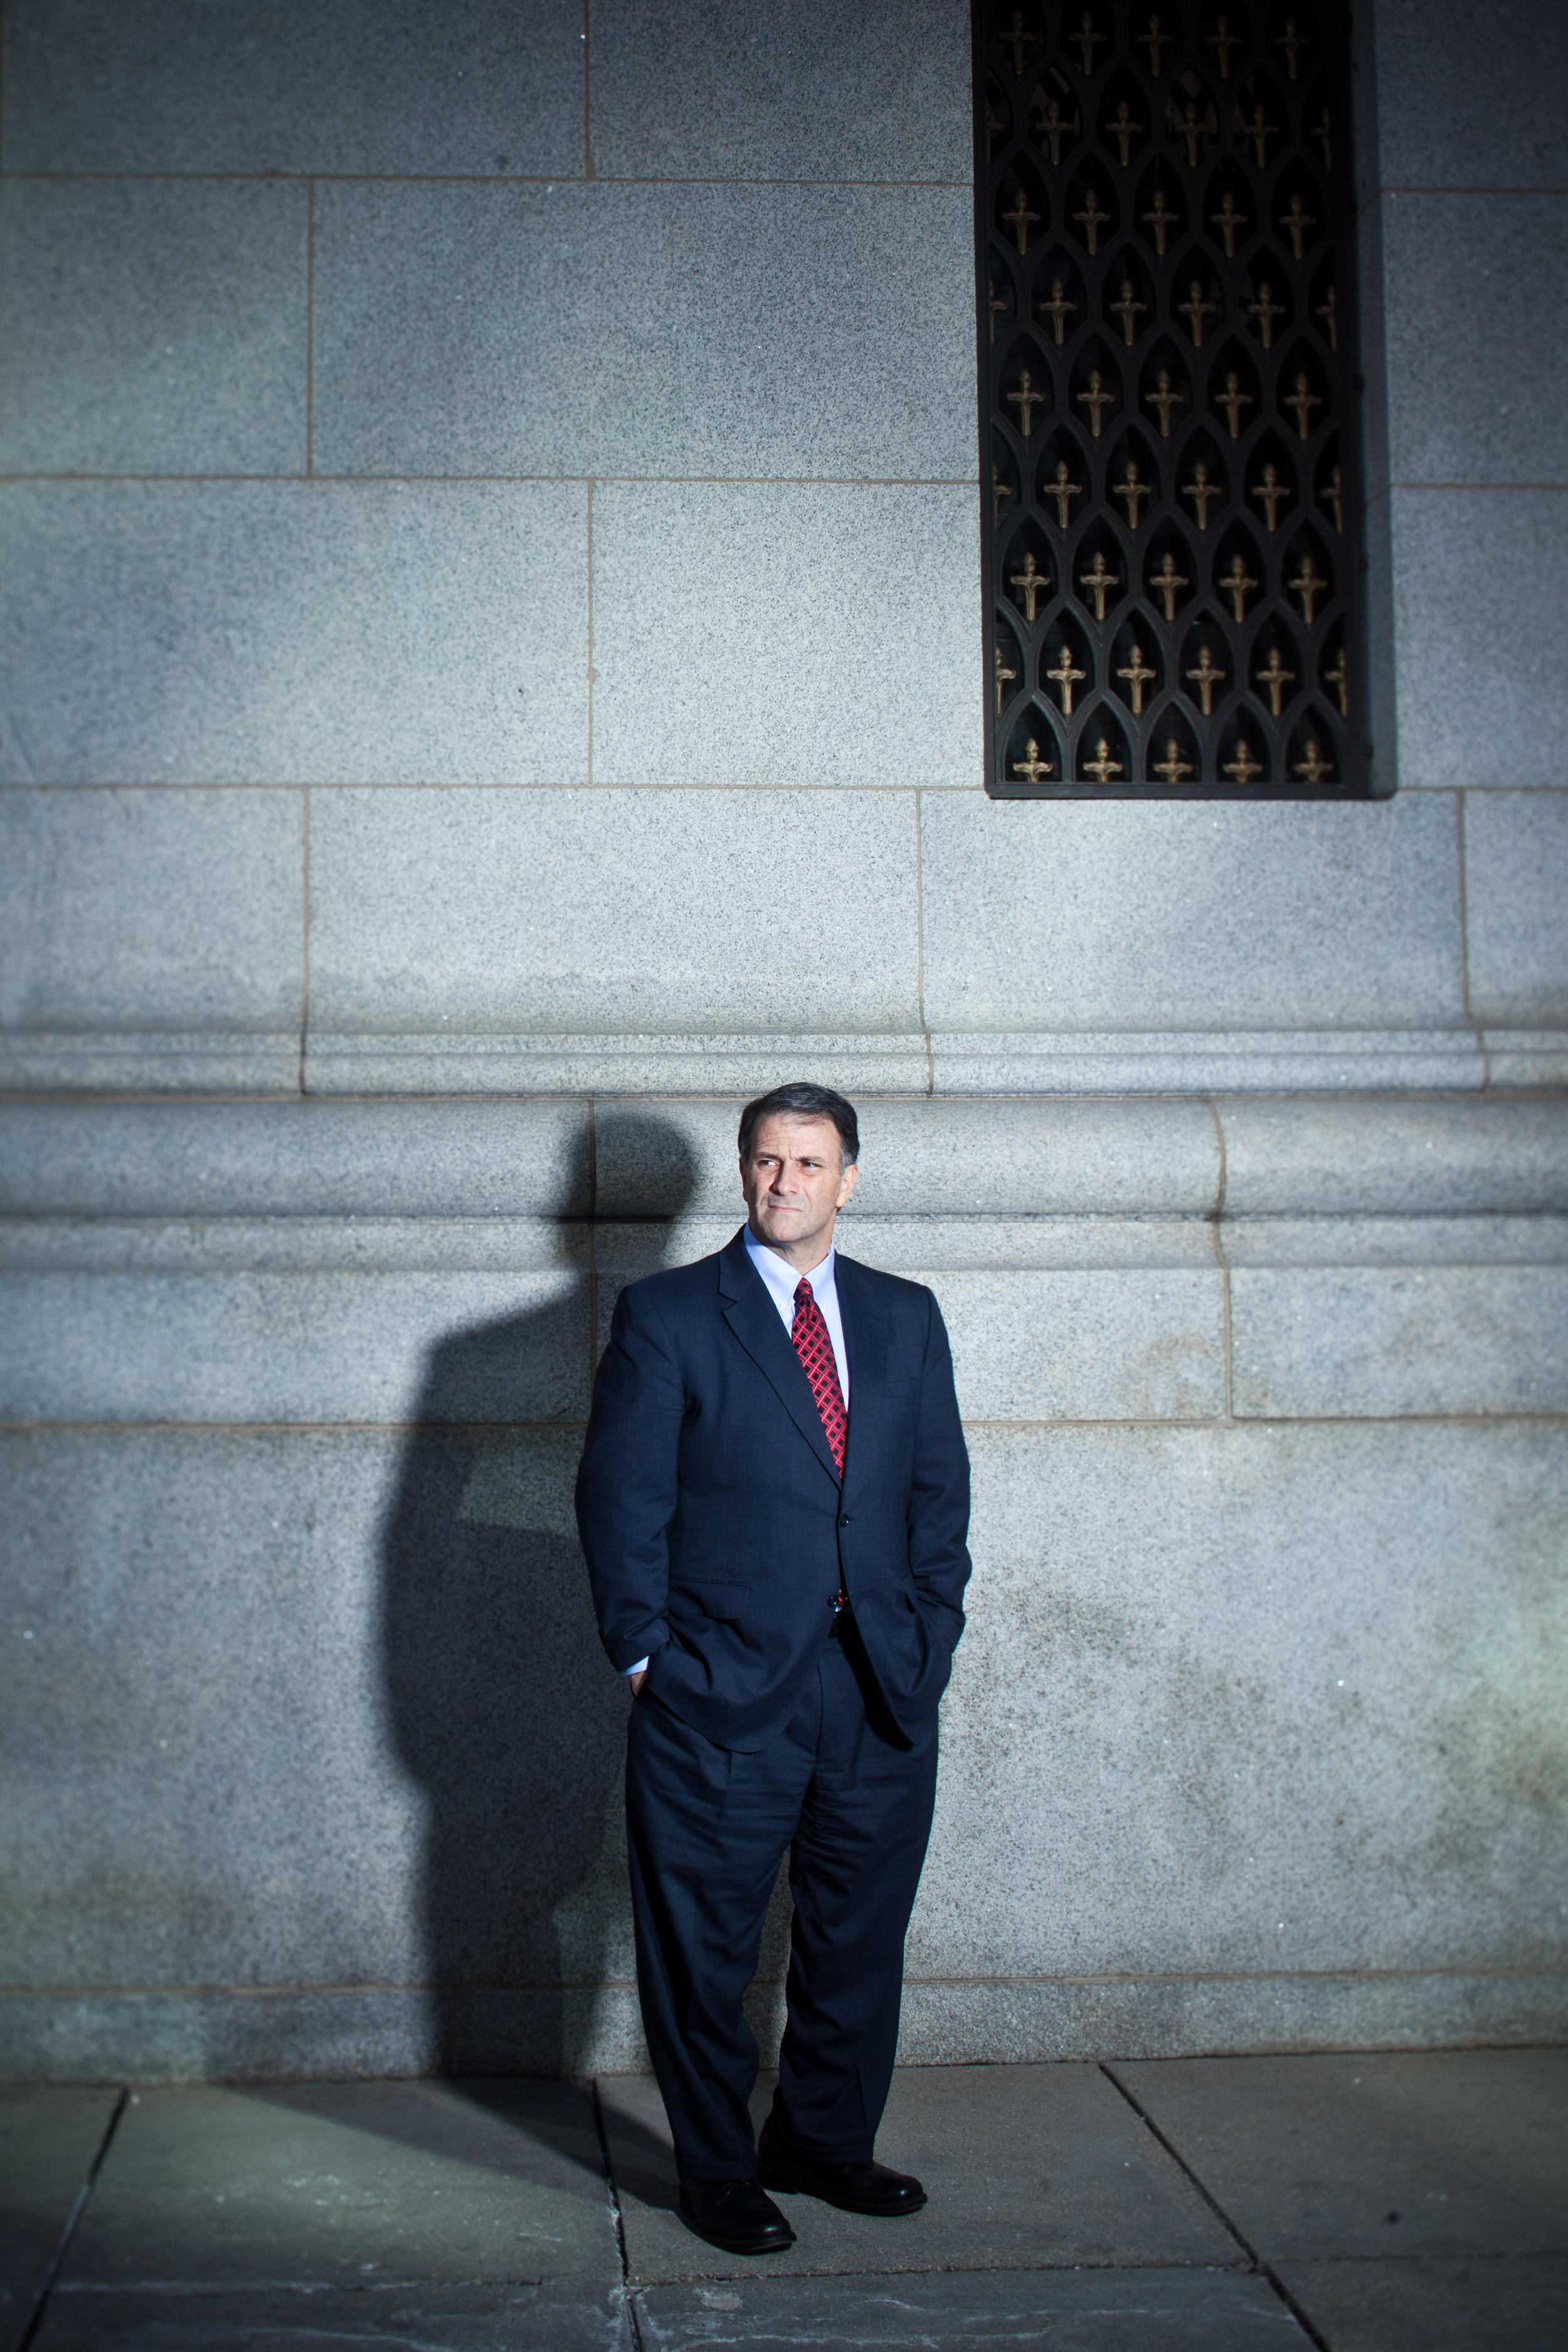 Former Lobbyist Jack Abramoff